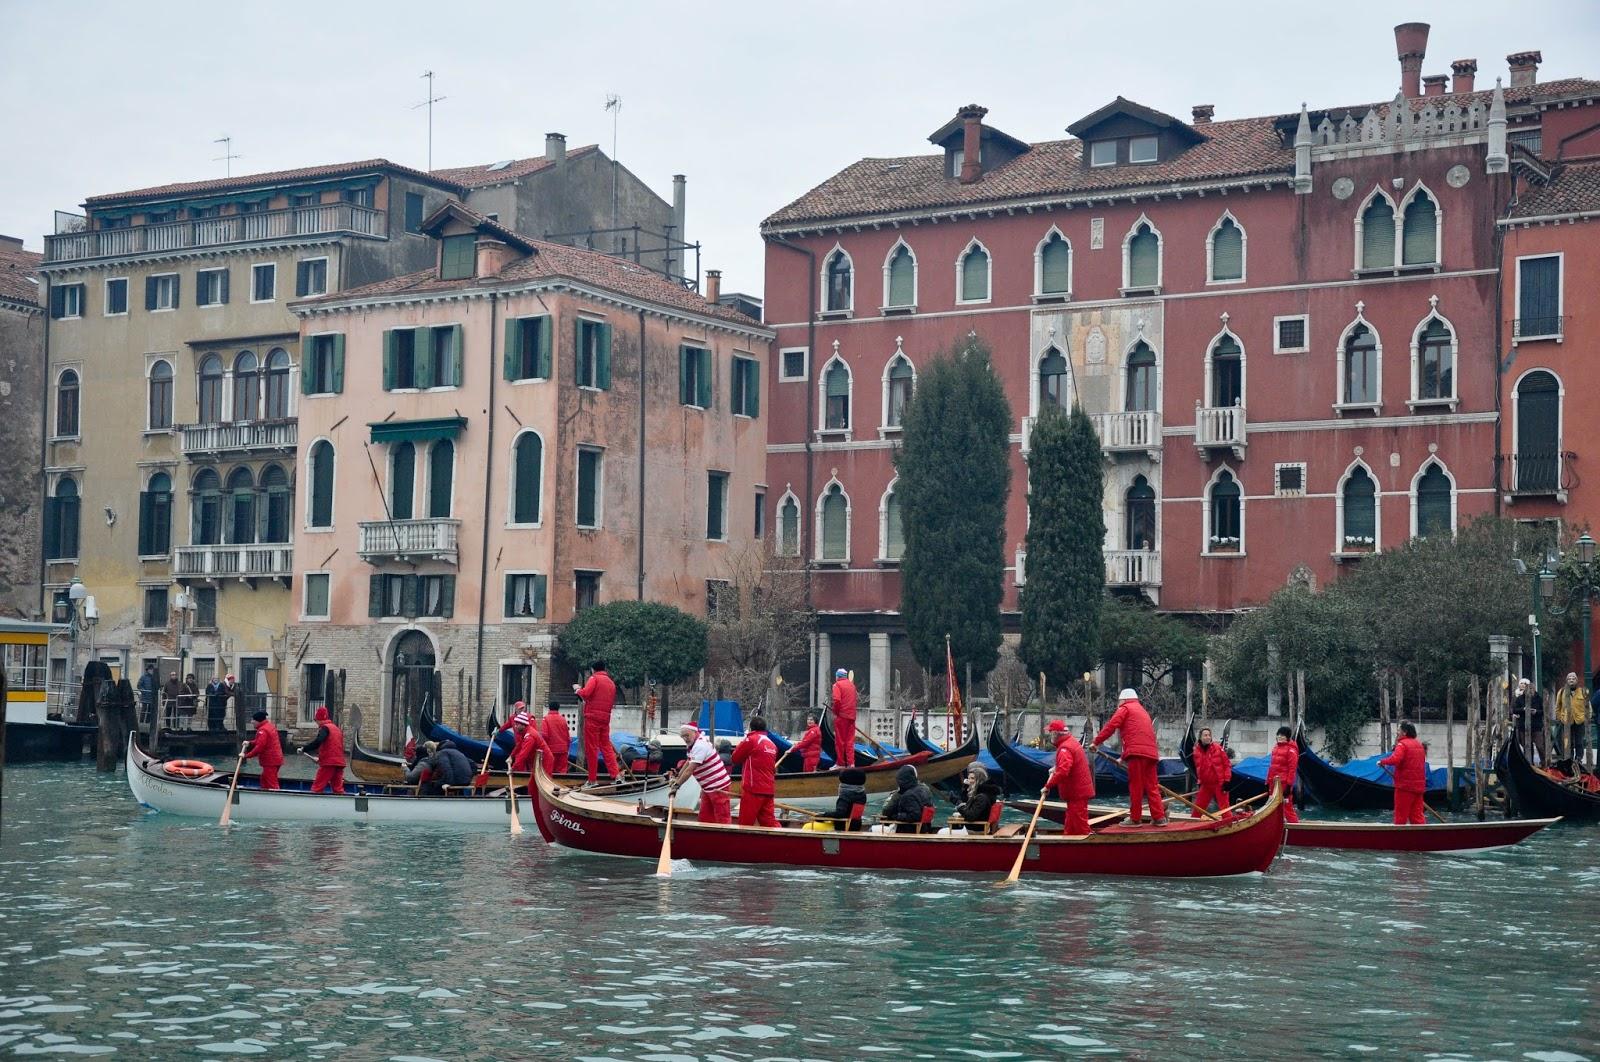 Befana race, Venice, Italy